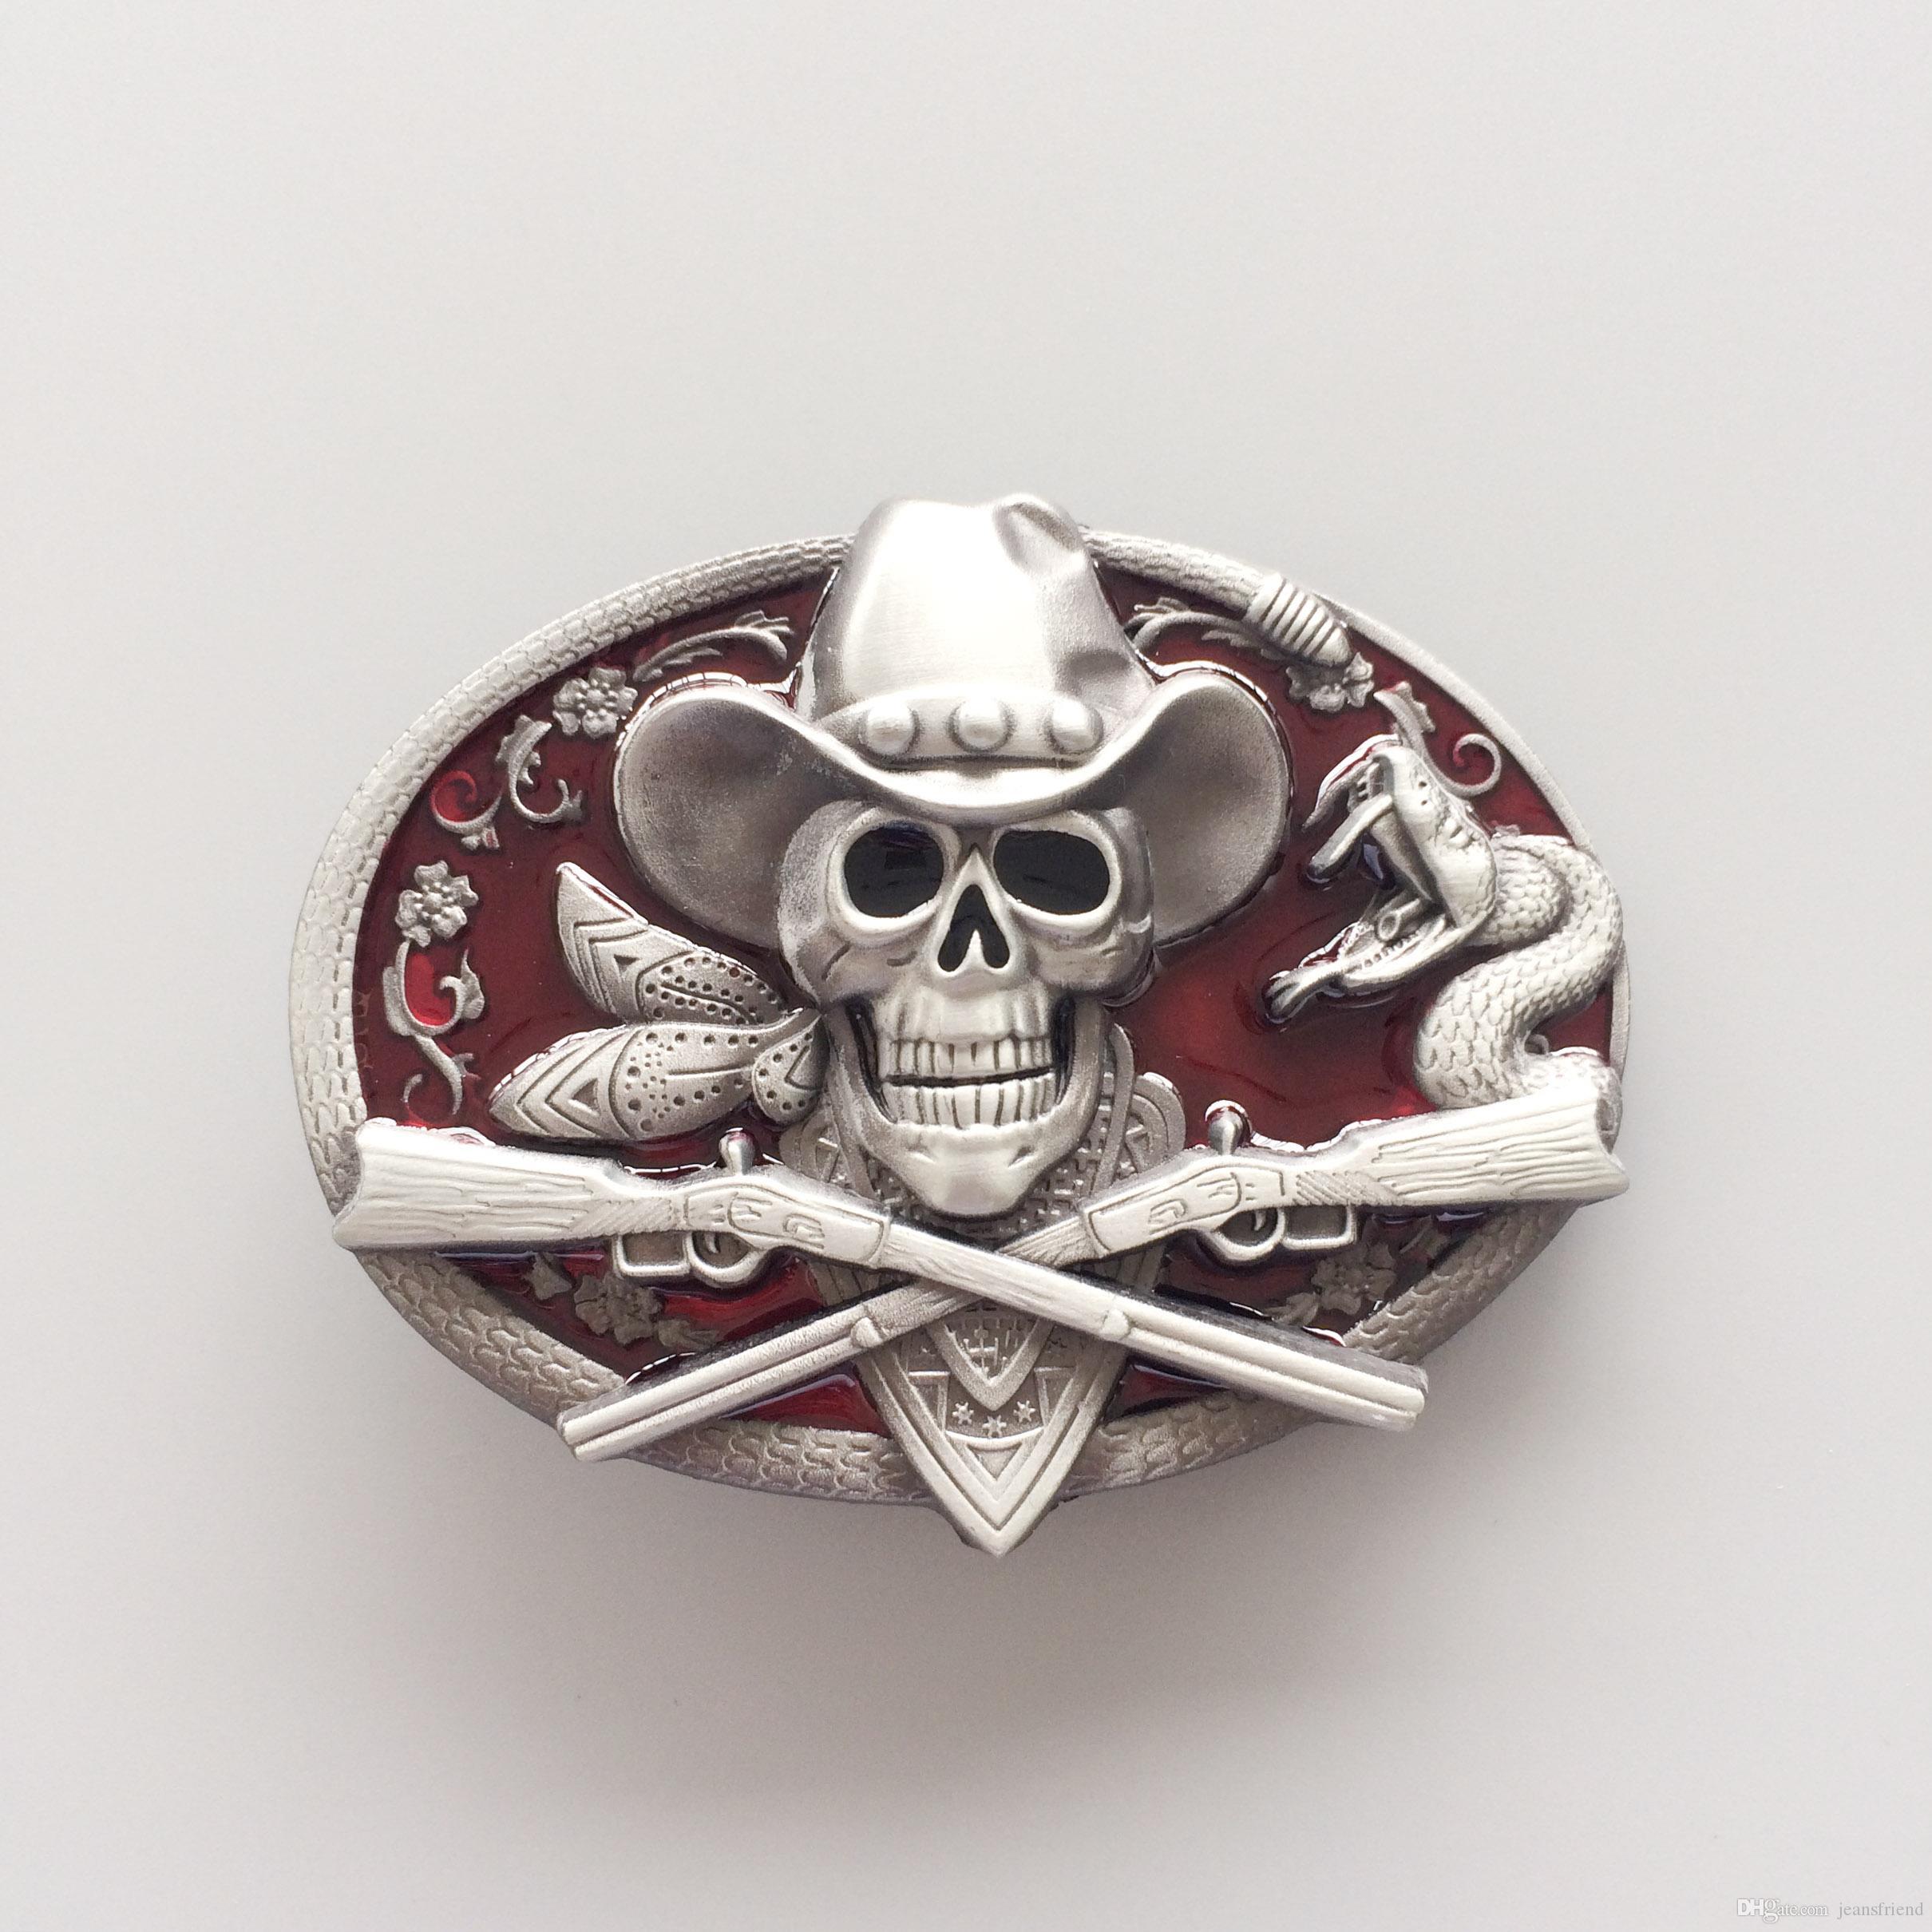 New Western Rodeo Crâne Cowboy Rouge Émail Ovale Vintage Ceinture Boucle Gurtelschnalle Boucle de ceinture